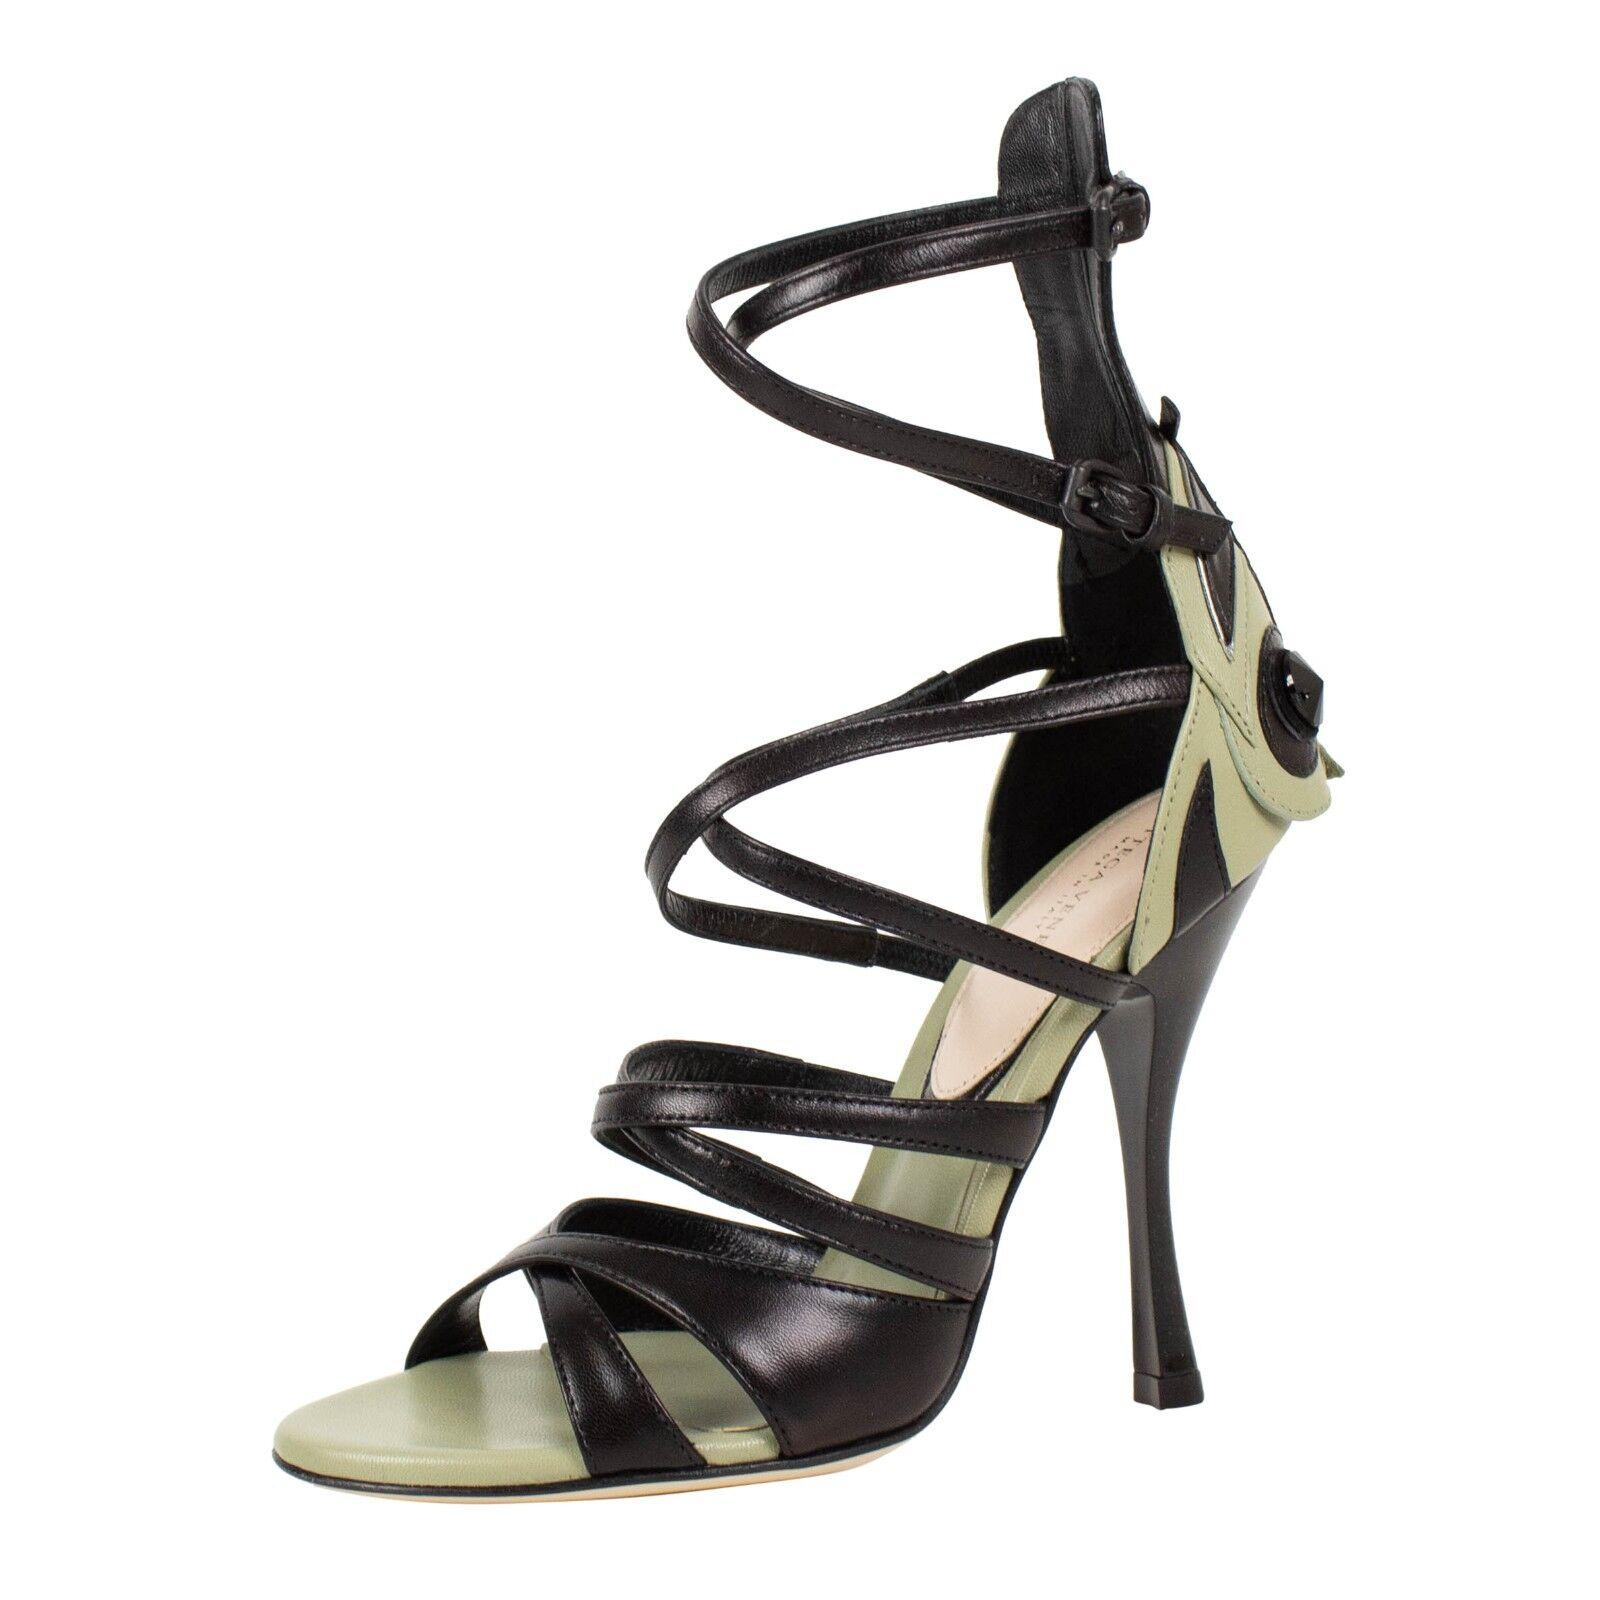 a prezzi accessibili NIB BOTTEGA VENETA nero And verde Leather Open Toe Toe Toe Heels scarpe 5.5 35.5  850  100% autentico